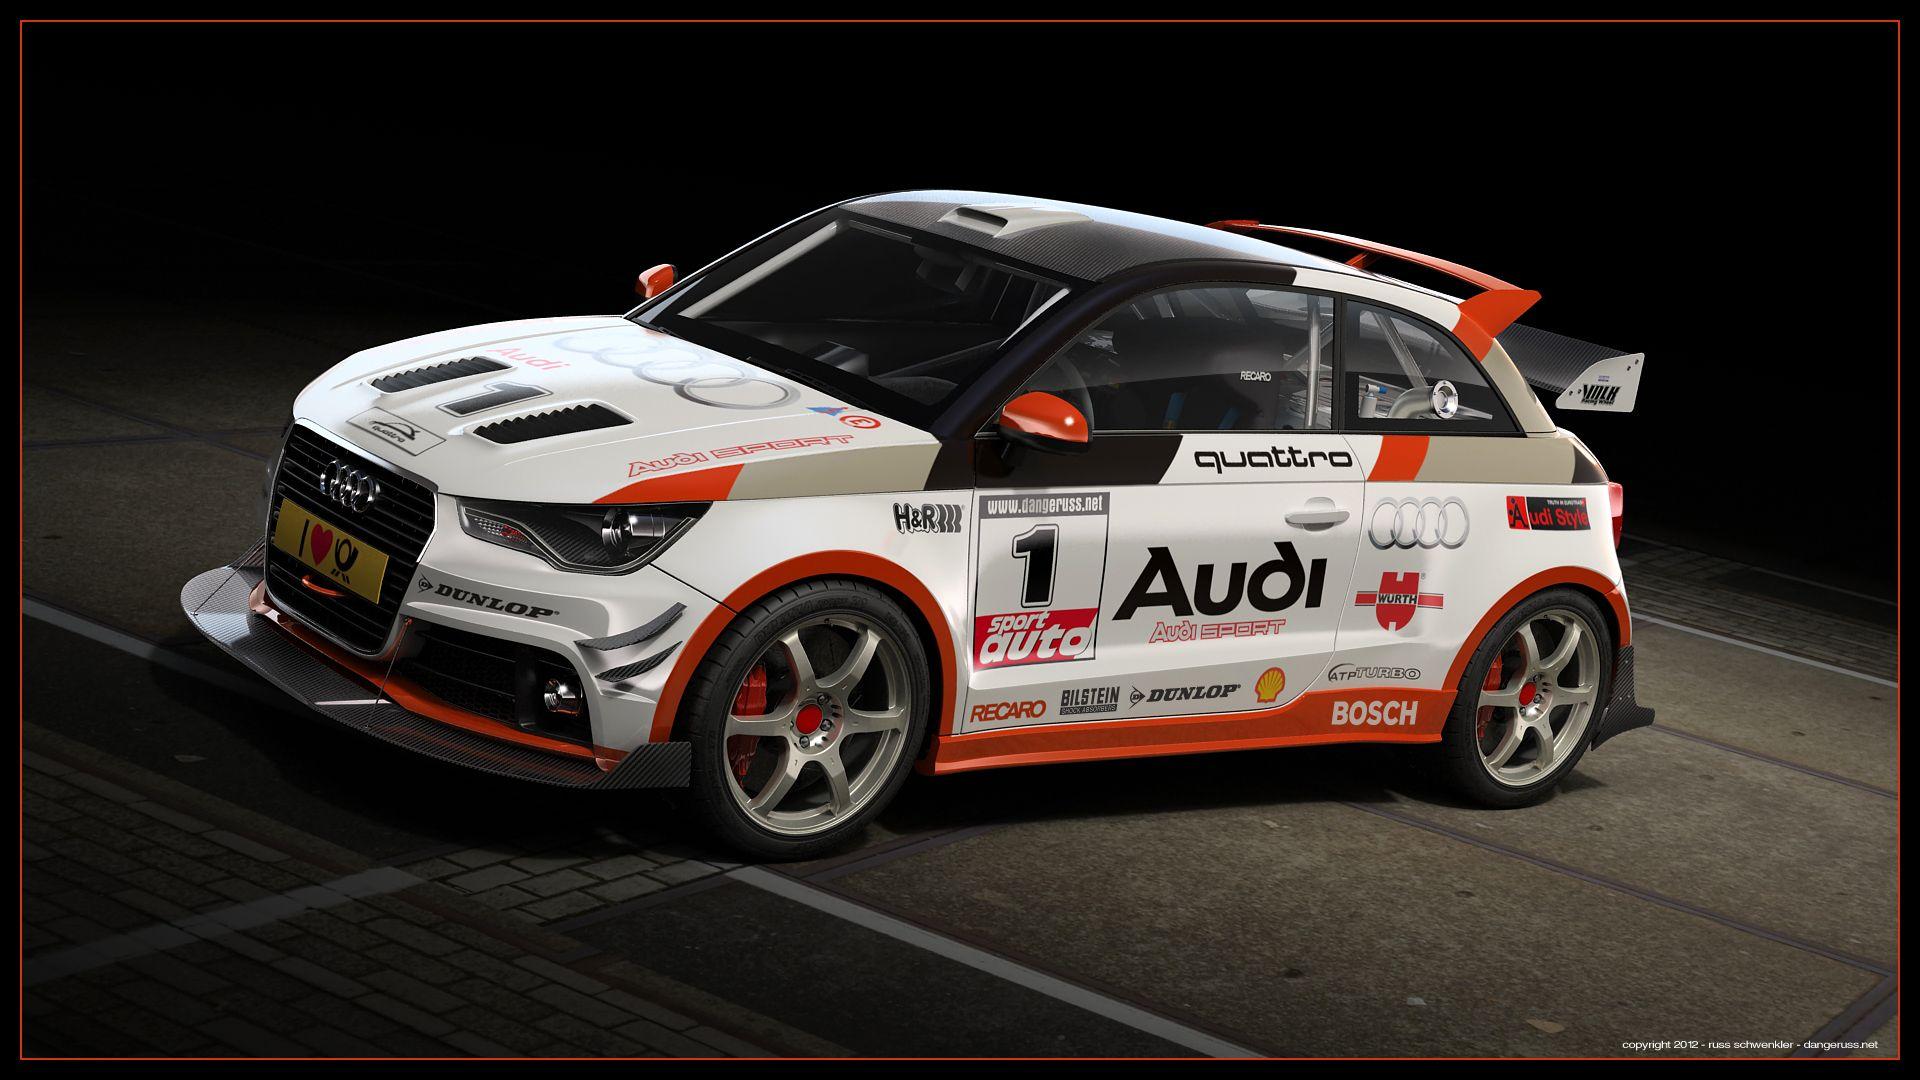 Audi A1 Quattro Racer By Dangeruss Deviantart Com On Deviantart